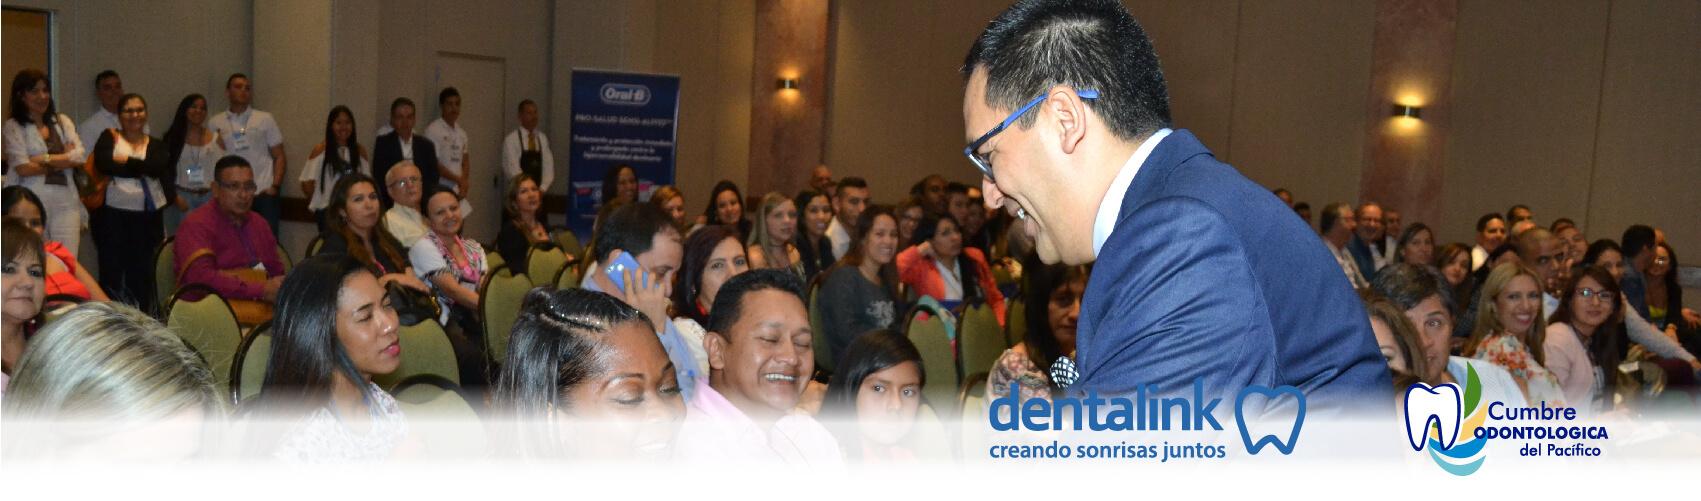 Dentalink en la II Cumbre Odontológica del Pacífico - Cali 2017